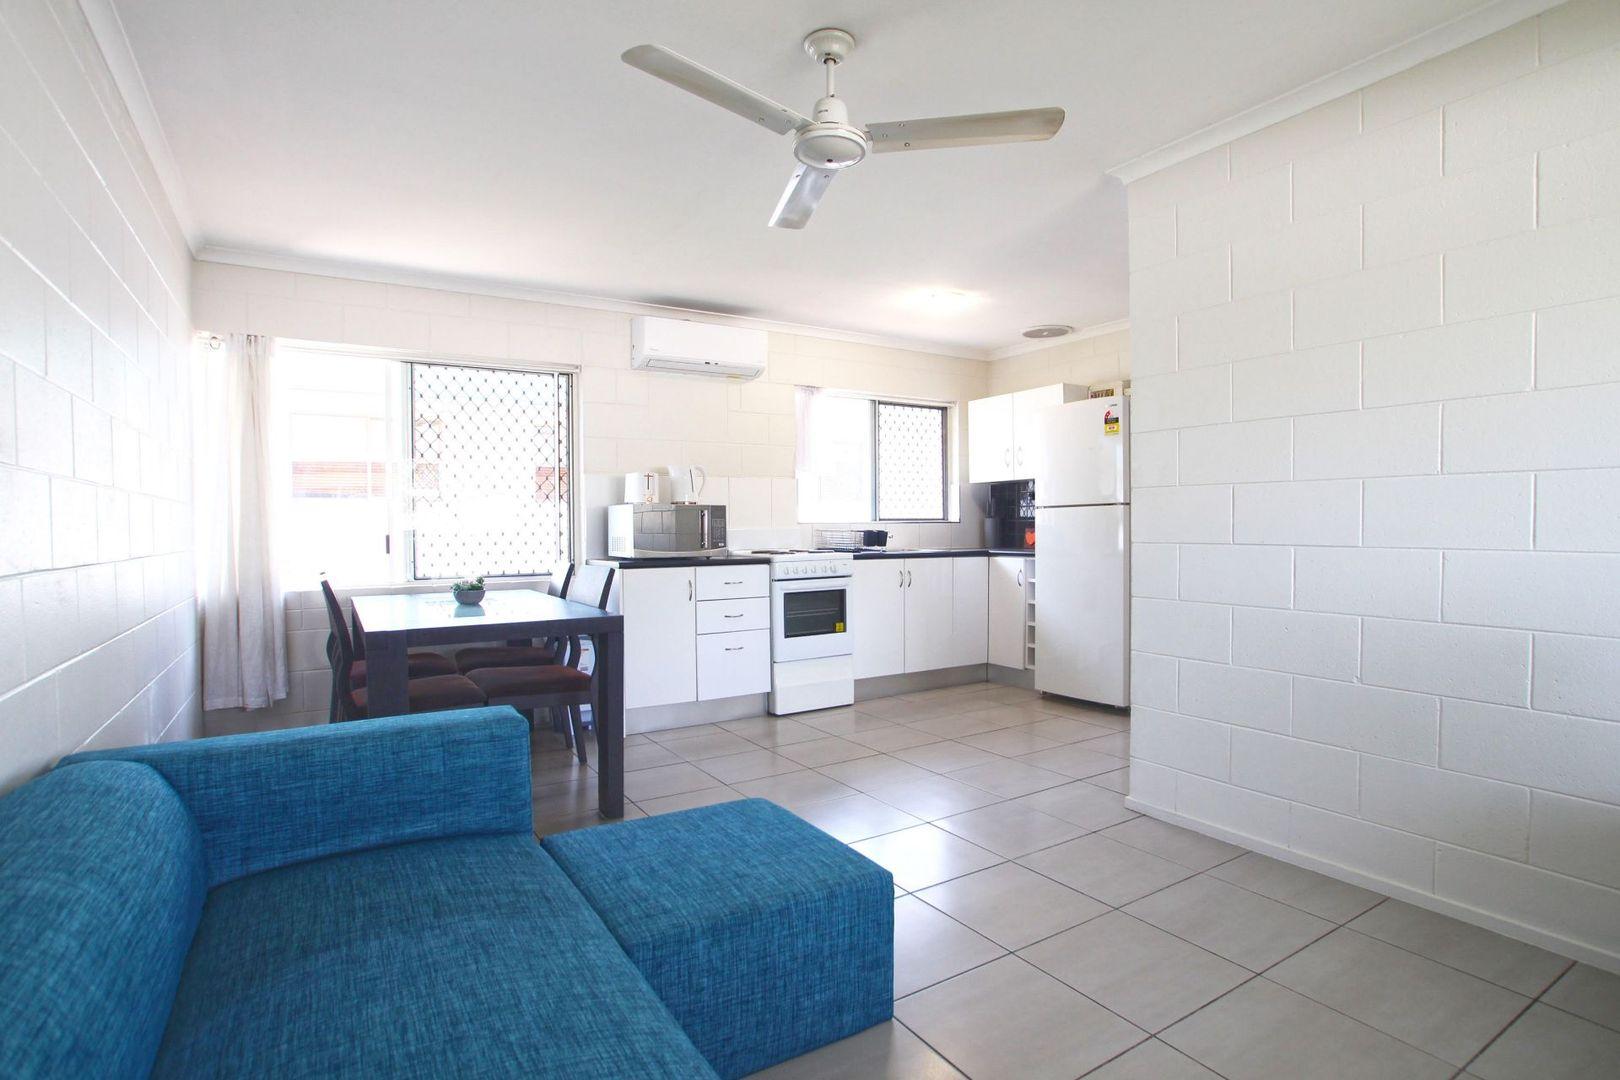 8/98 PEASE, Manunda QLD 4870, Image 2